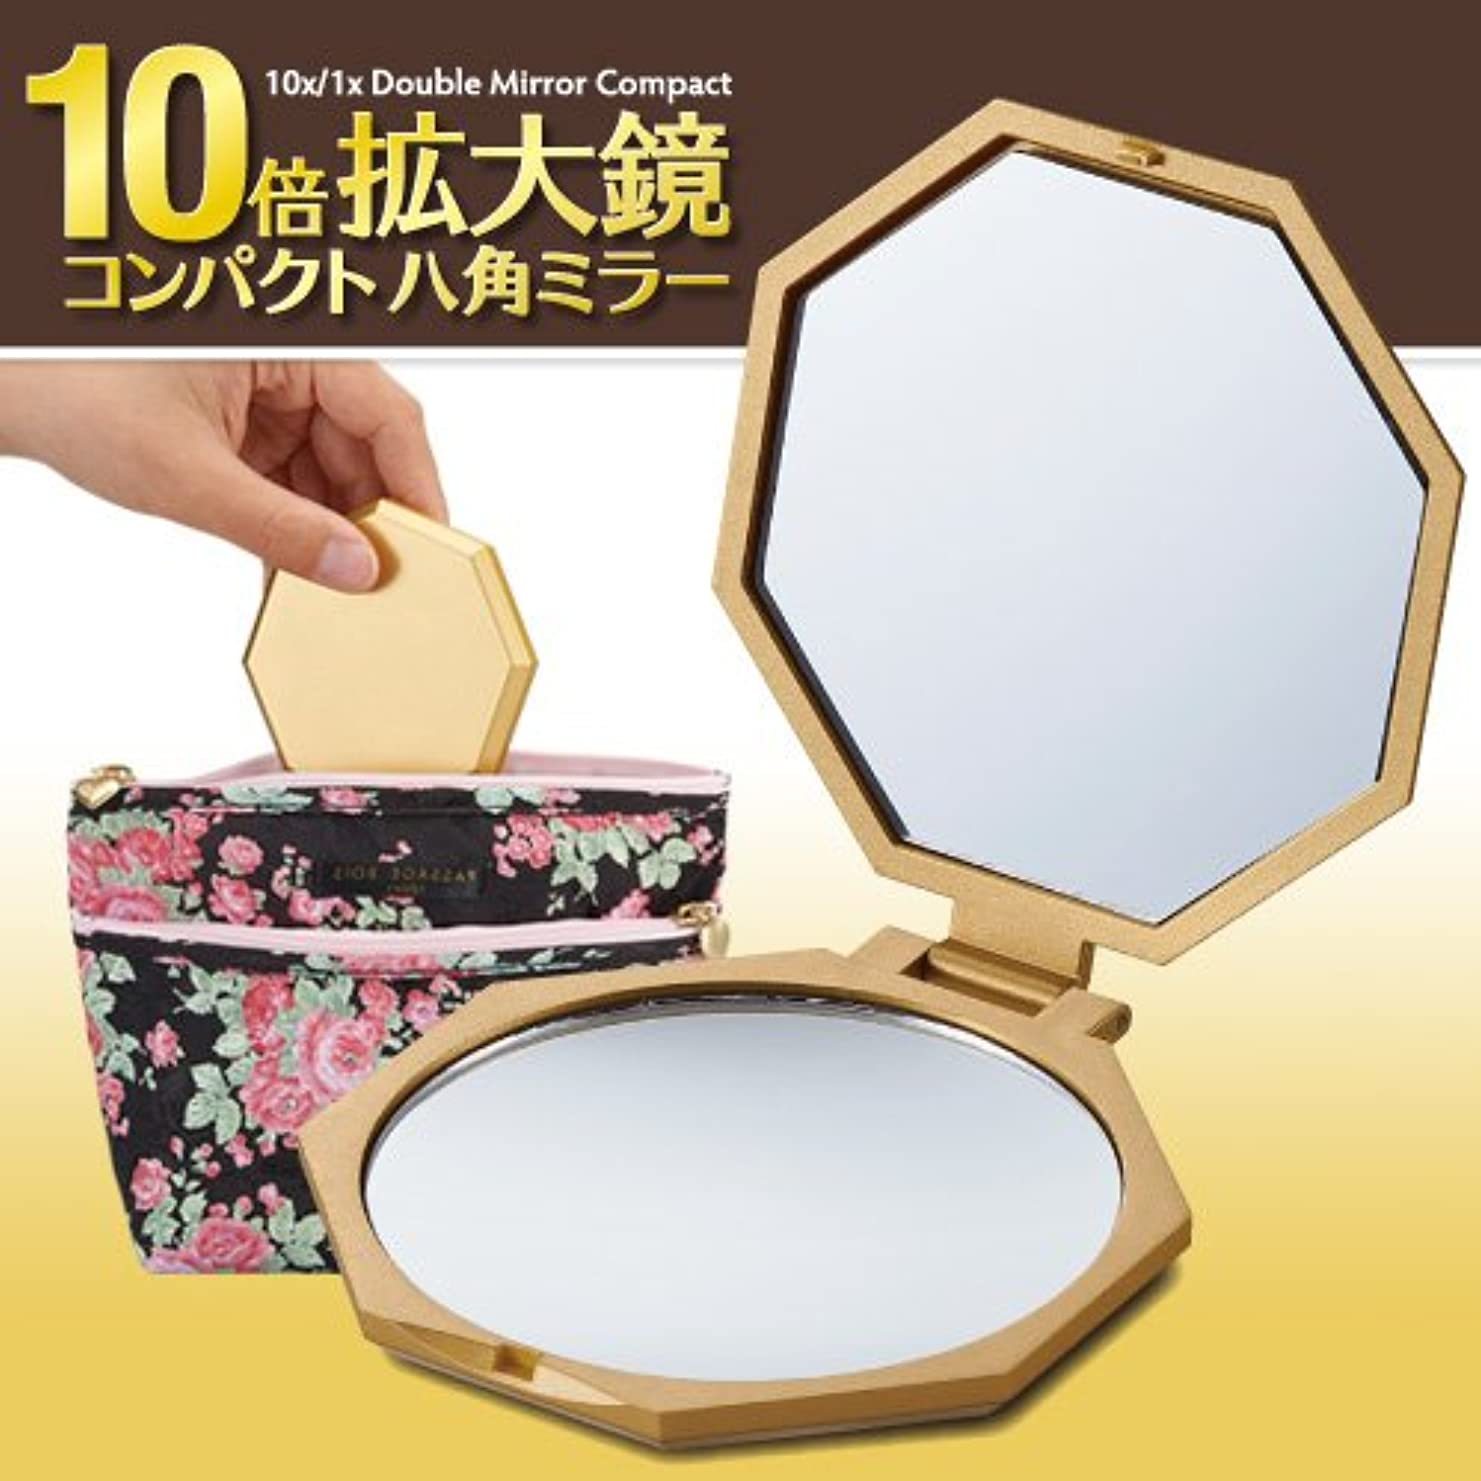 タール奇跡的な強制八角形×金色の風水デザイン コンパクトな10倍拡大鏡付きミラー【携帯ミラー アイメイクなどの細かいお化粧用鏡】